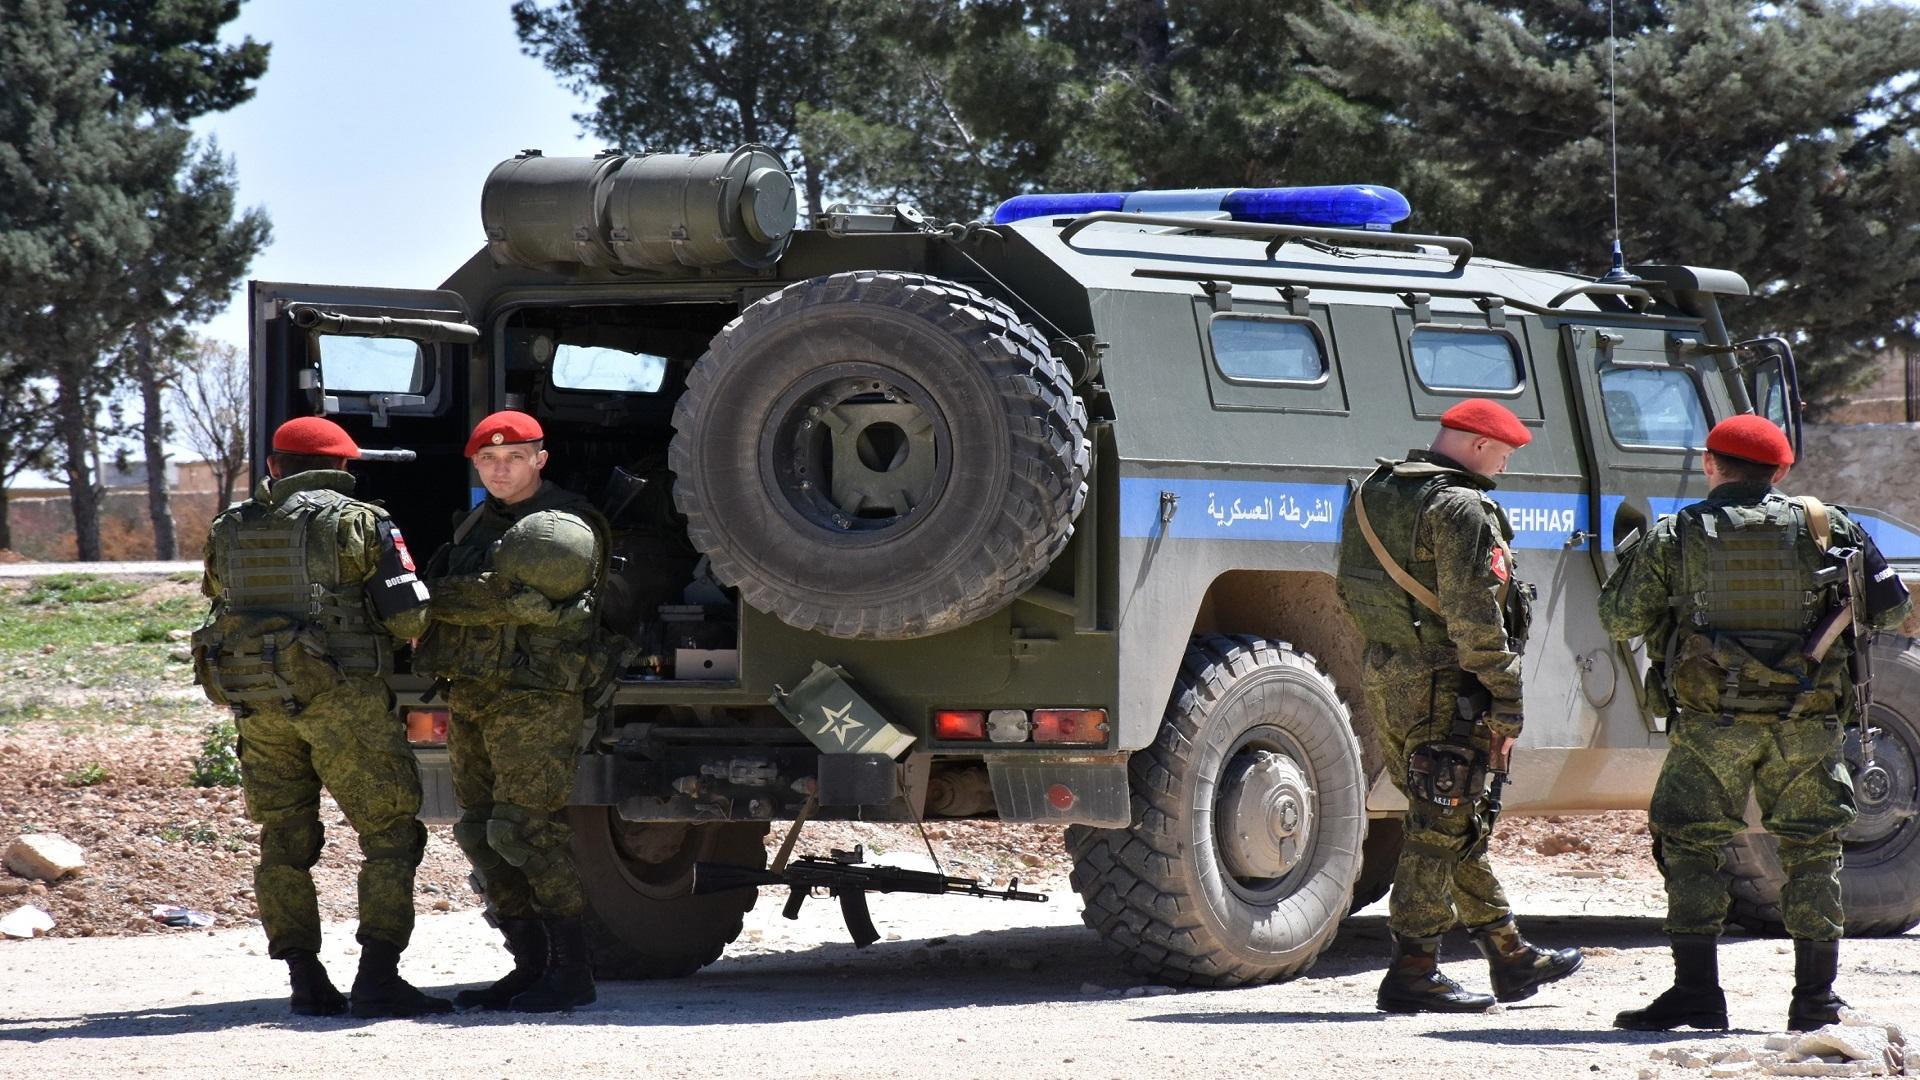 صورة وفد عسكري روسي في السويداء..ماذا يريد؟